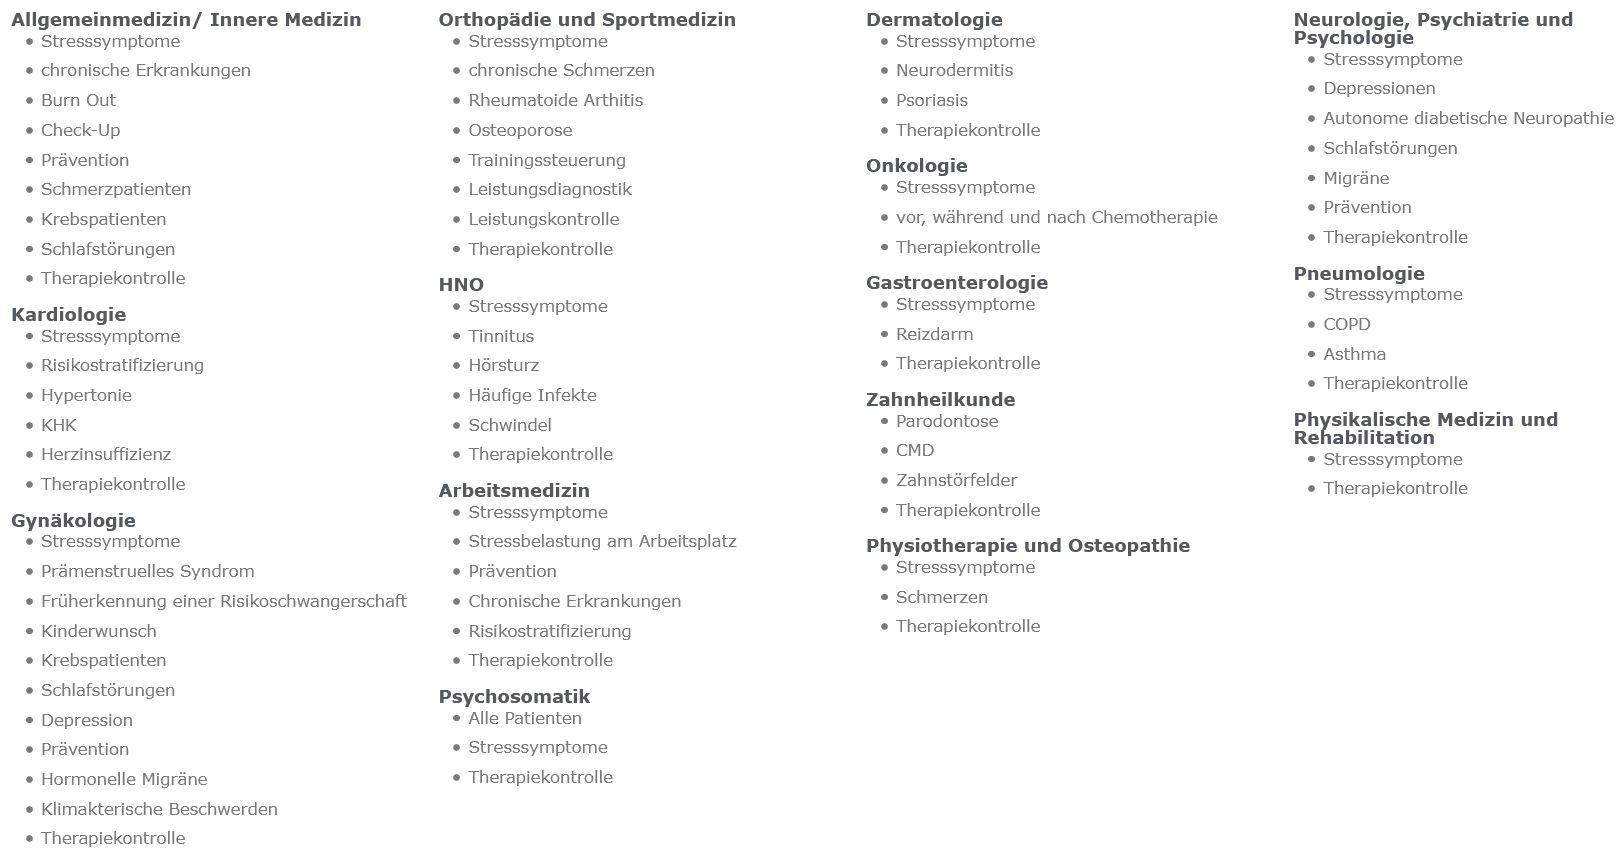 Anwendung medizinische Fachgebiete